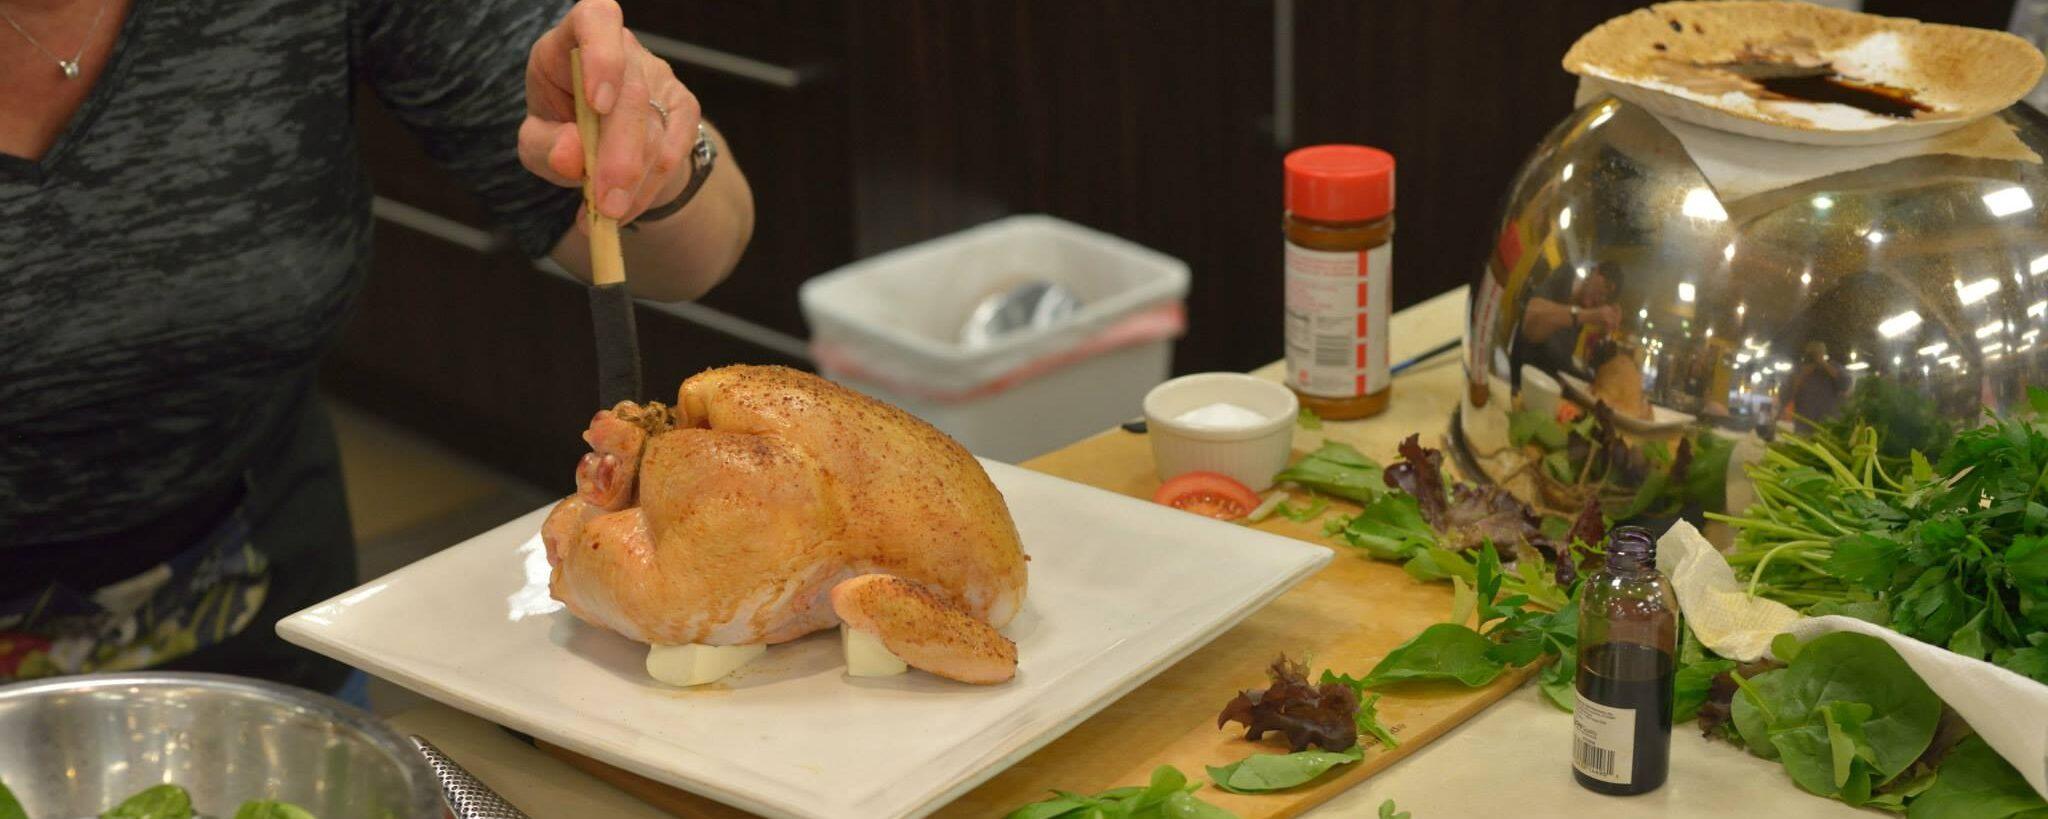 Denise Vivaldo's Food Styling Class